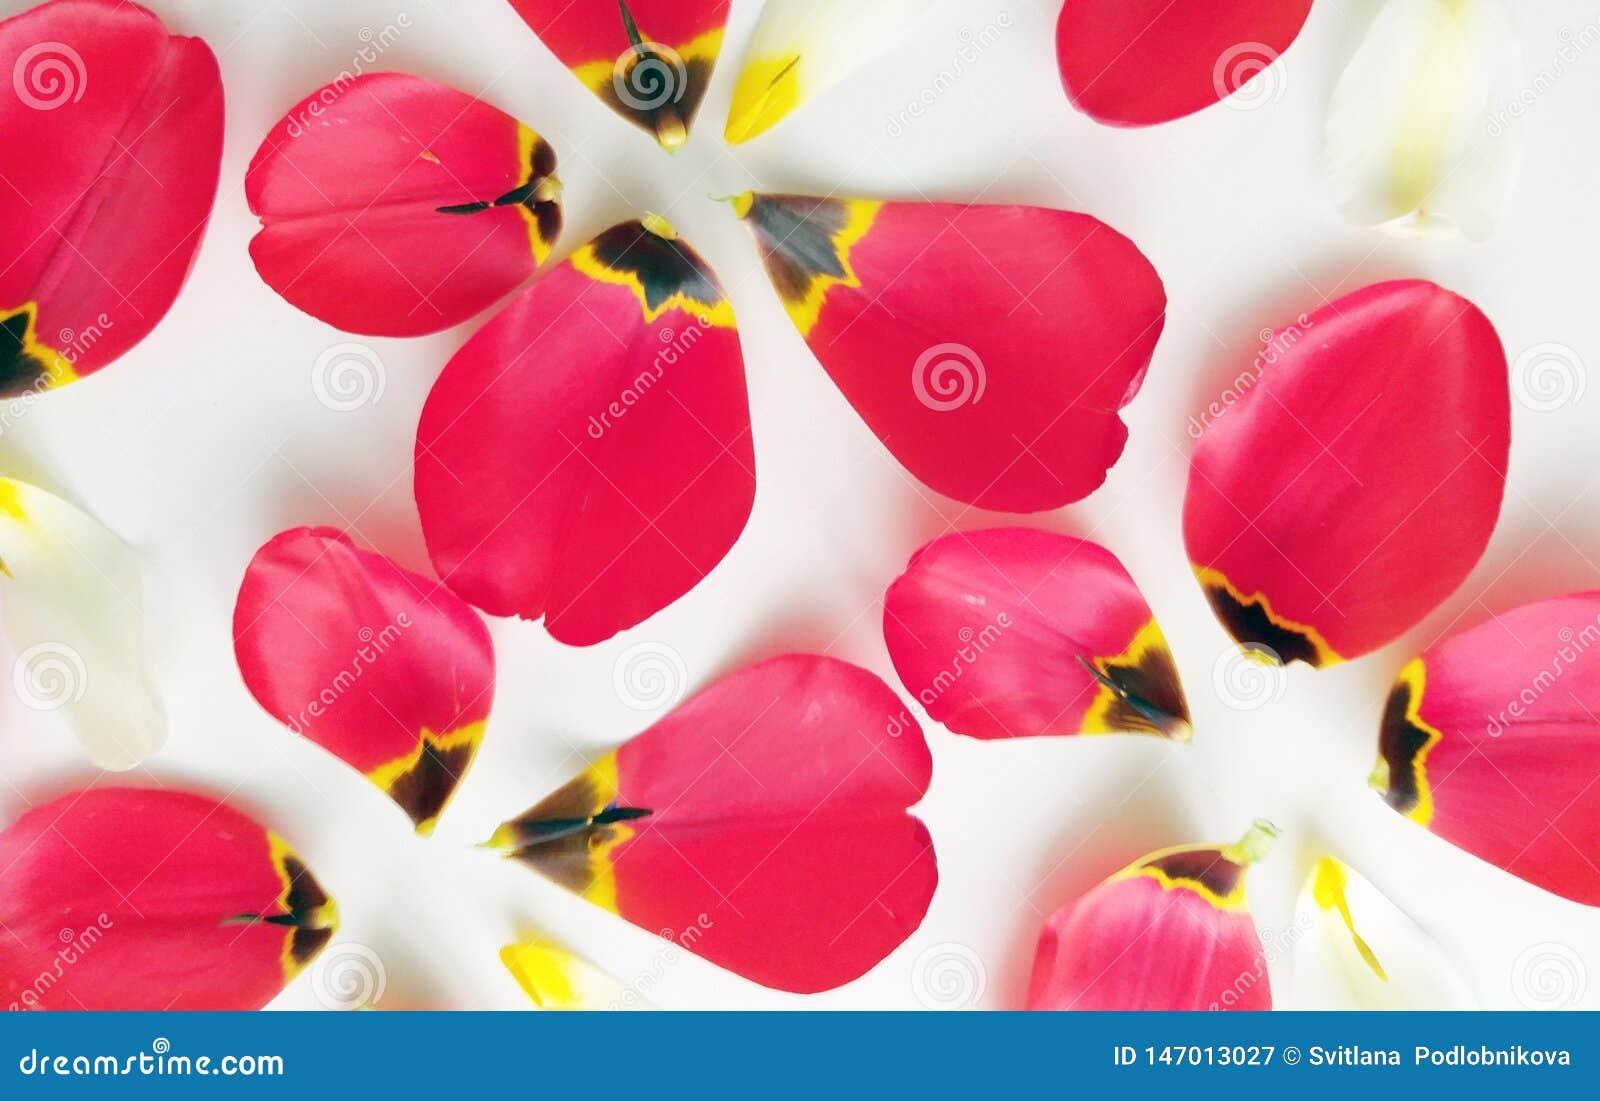 Fondo de la flor con los pétalos de tulipanes